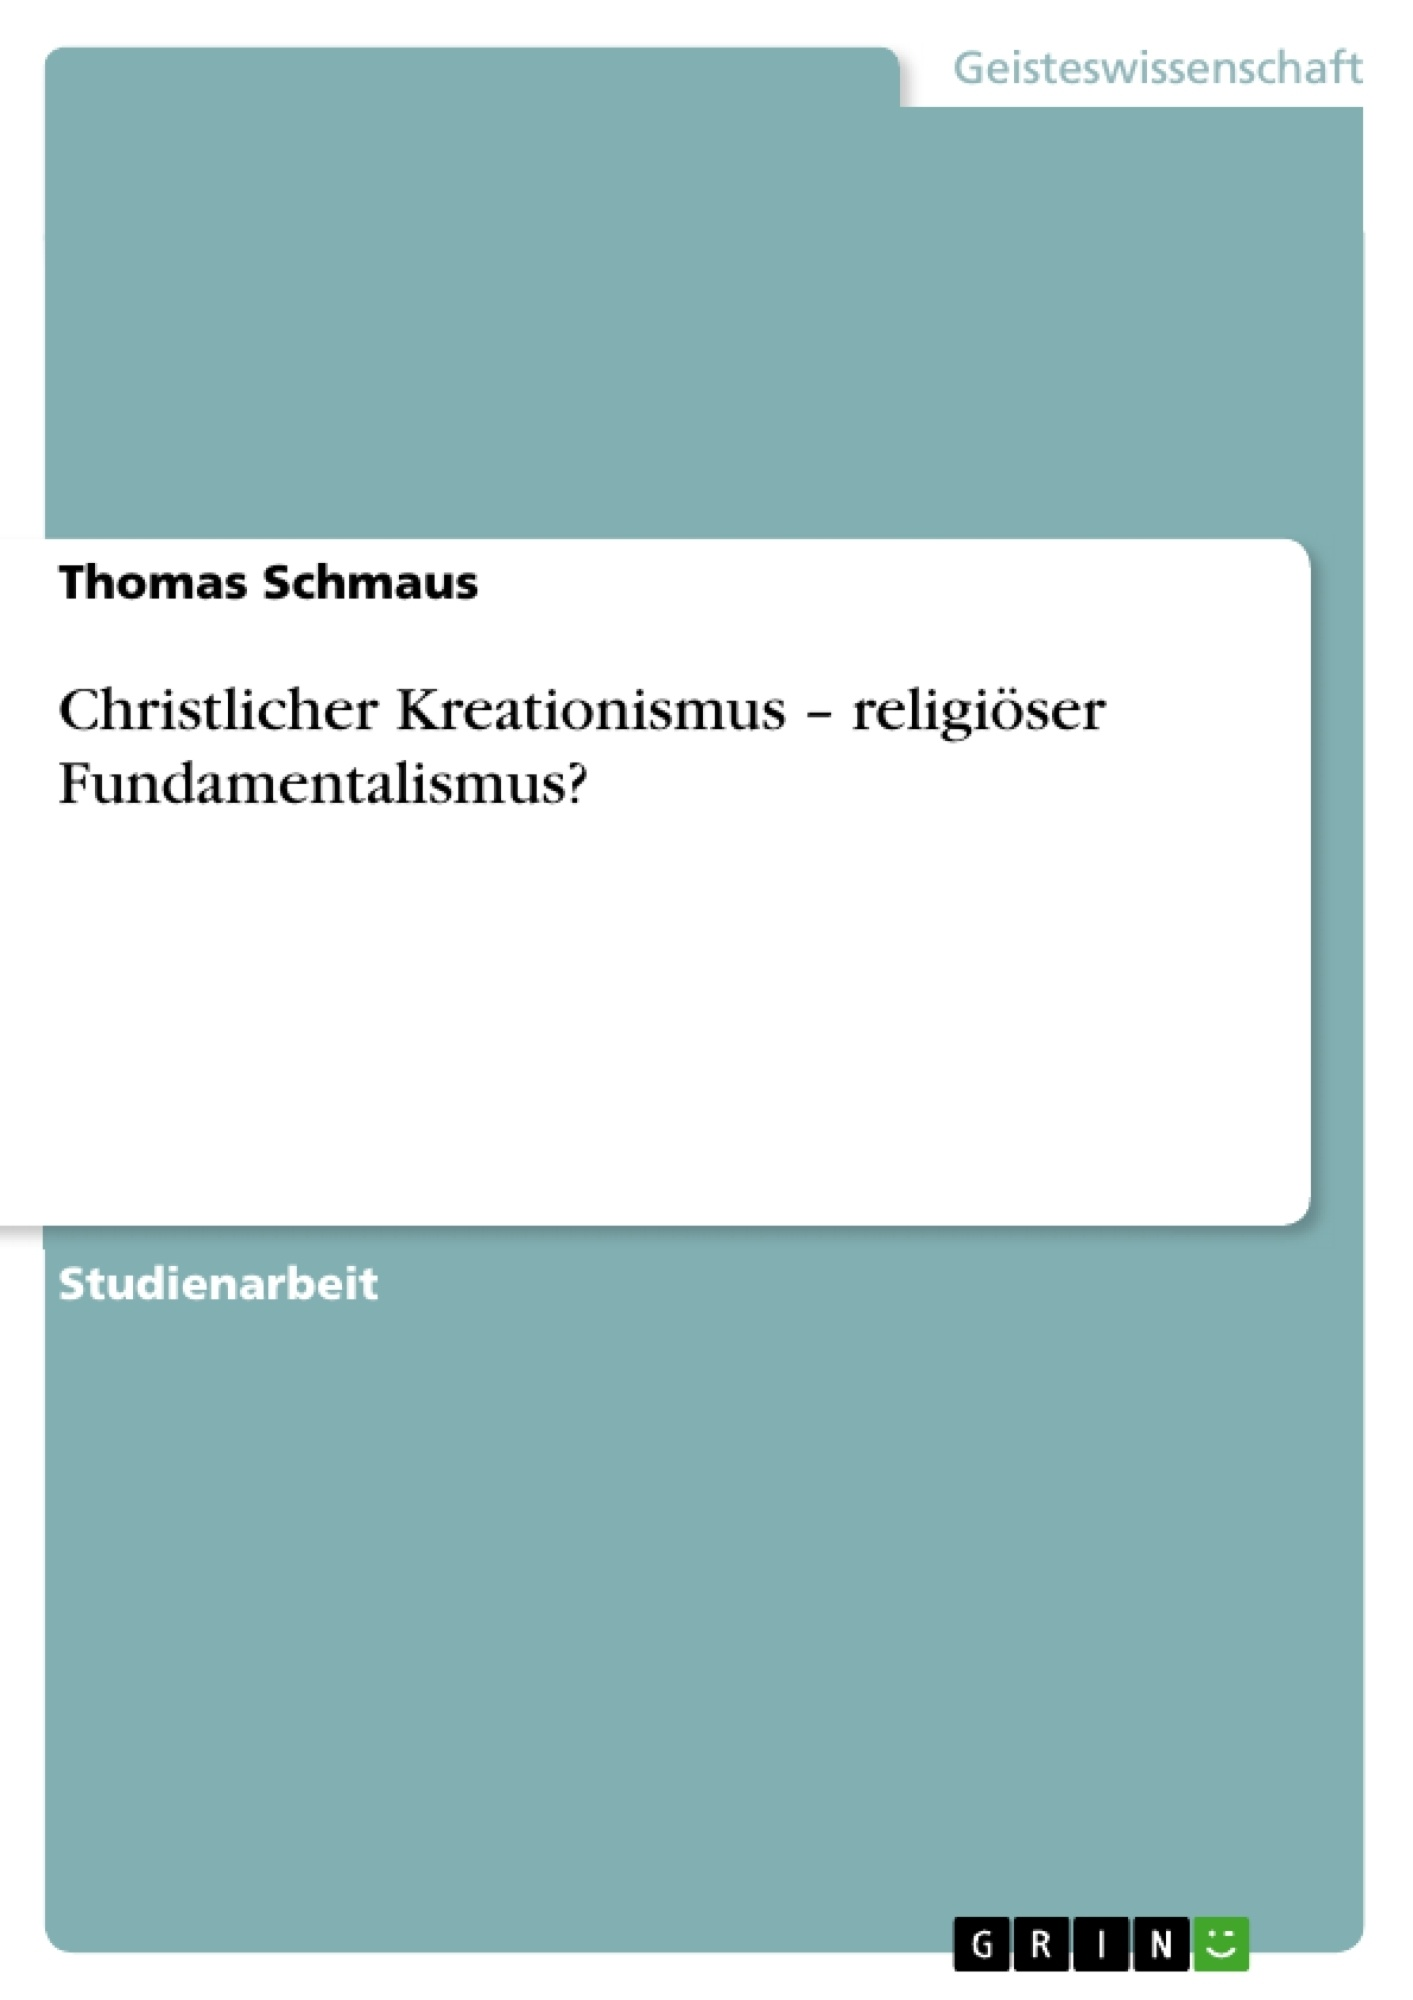 Titel: Christlicher Kreationismus – religiöser Fundamentalismus?